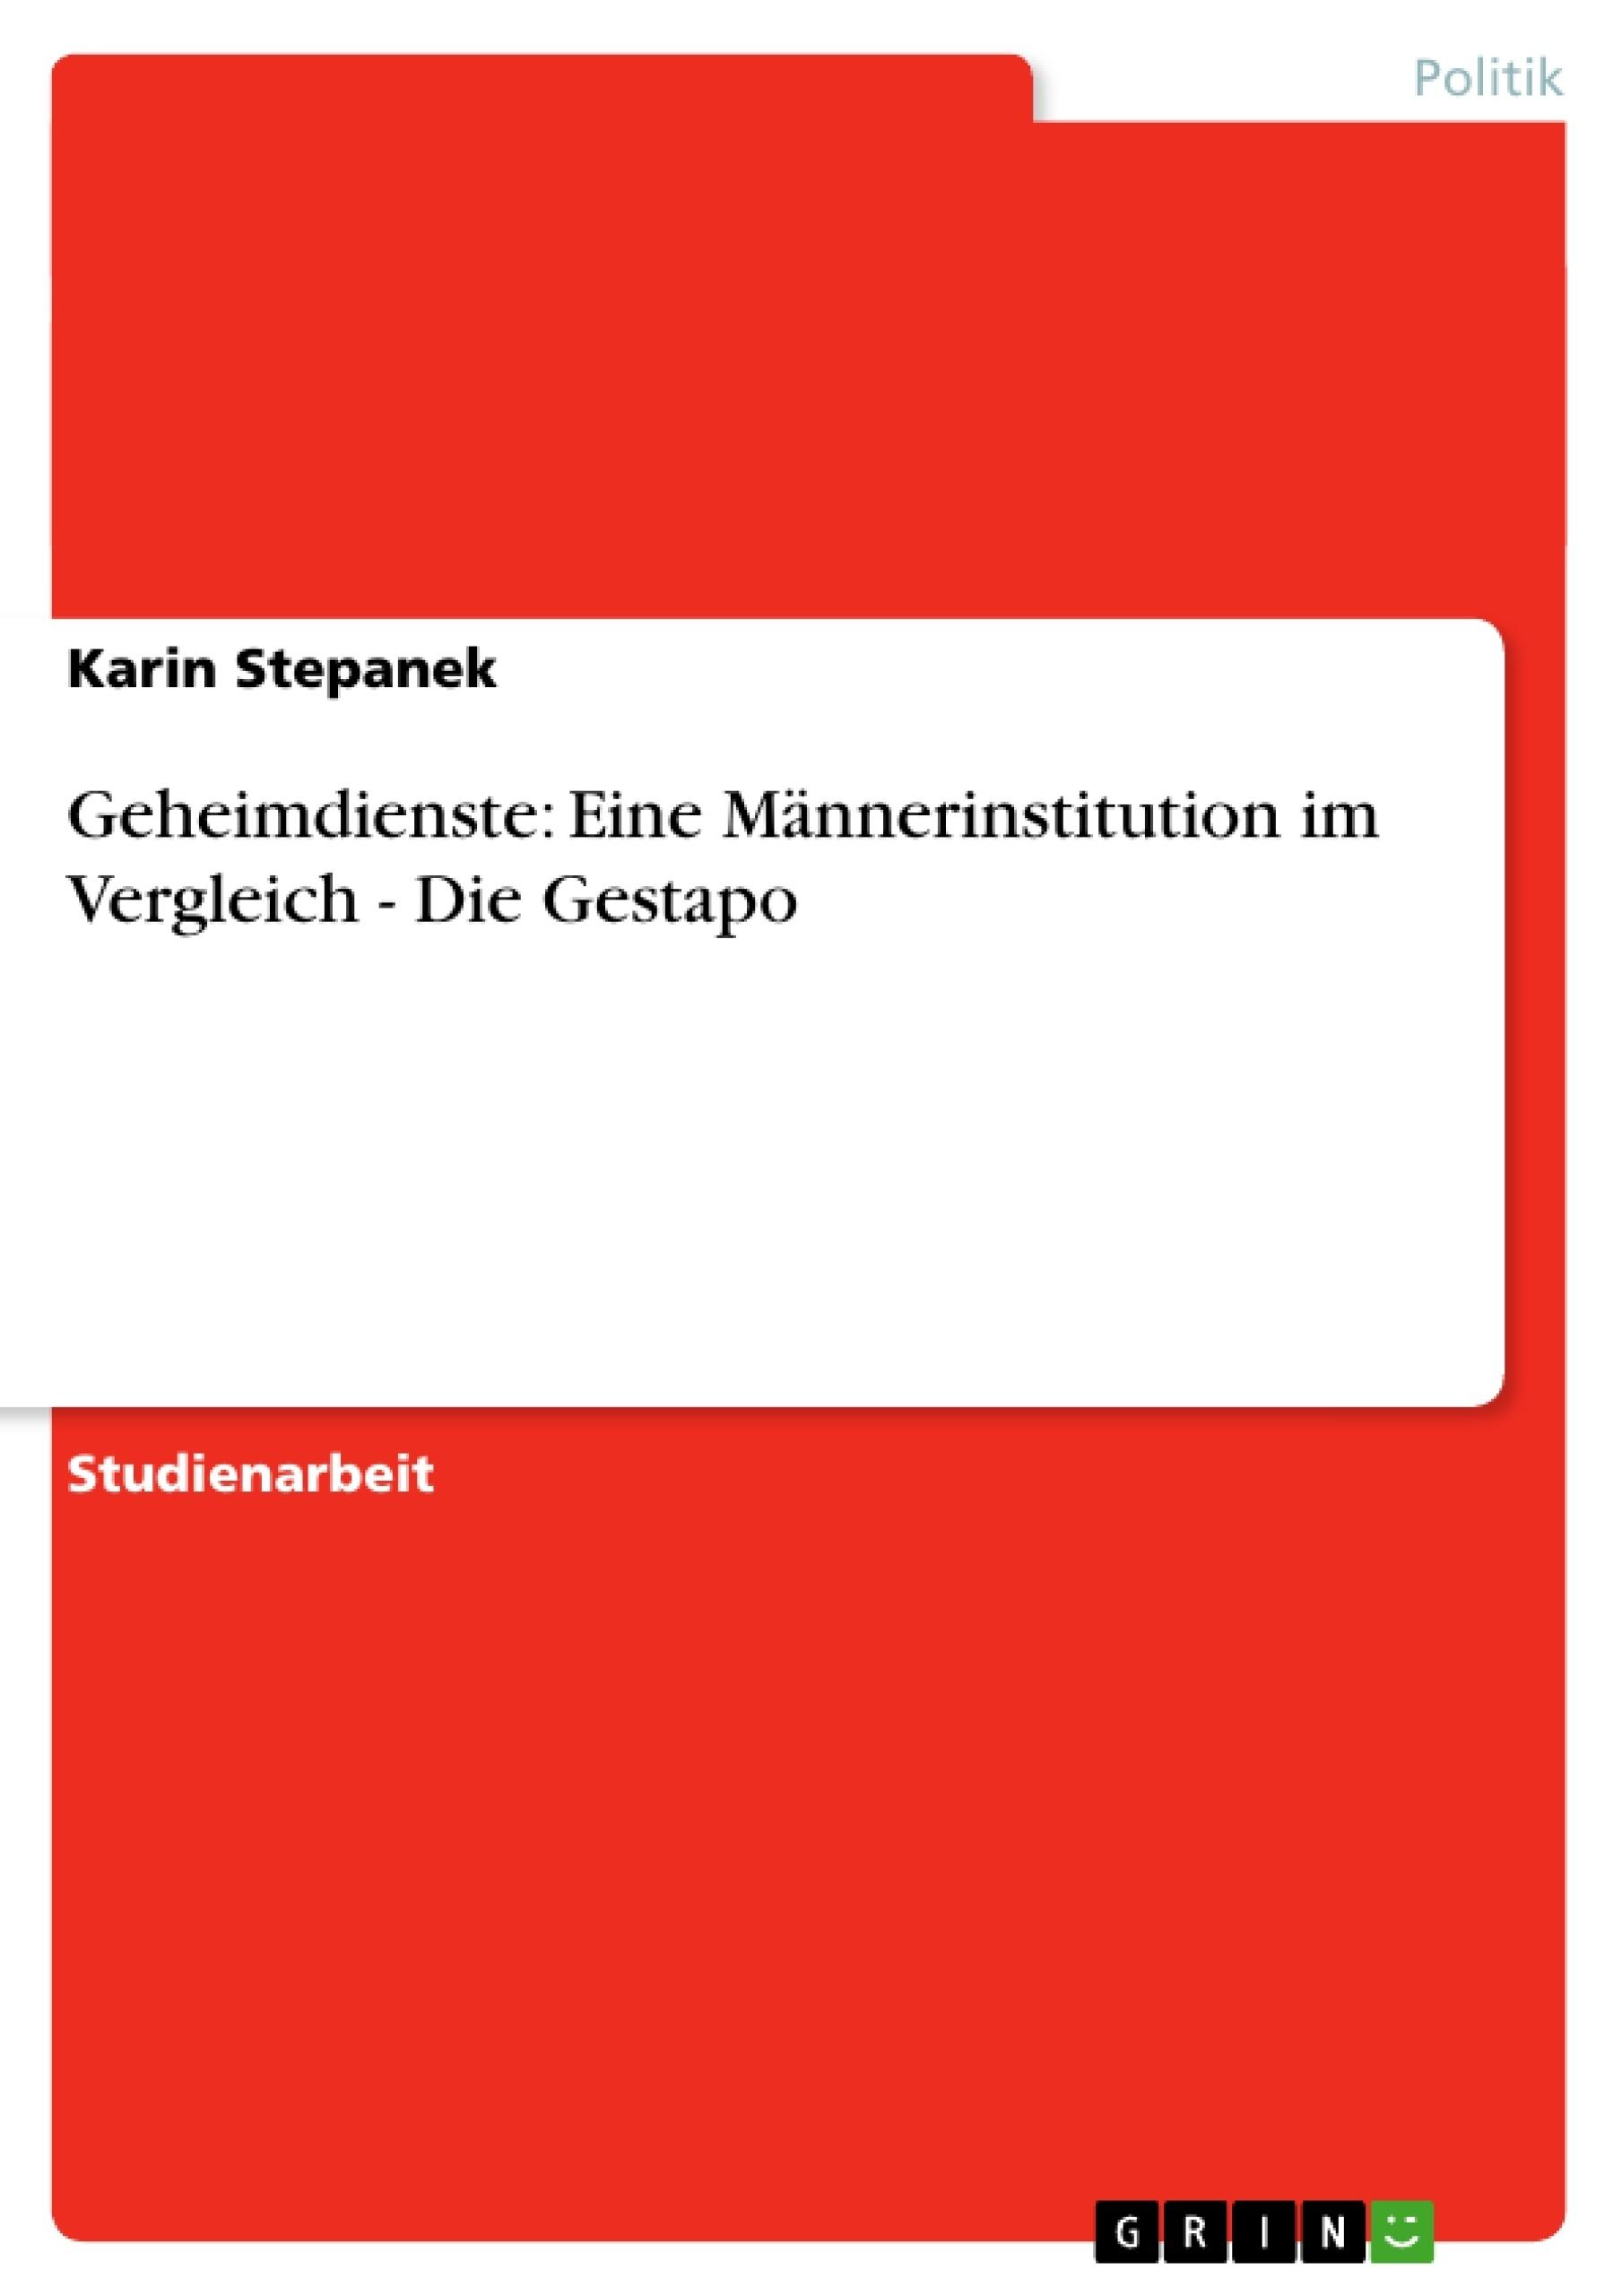 Titel: Geheimdienste: Eine Männerinstitution im Vergleich - Die Gestapo